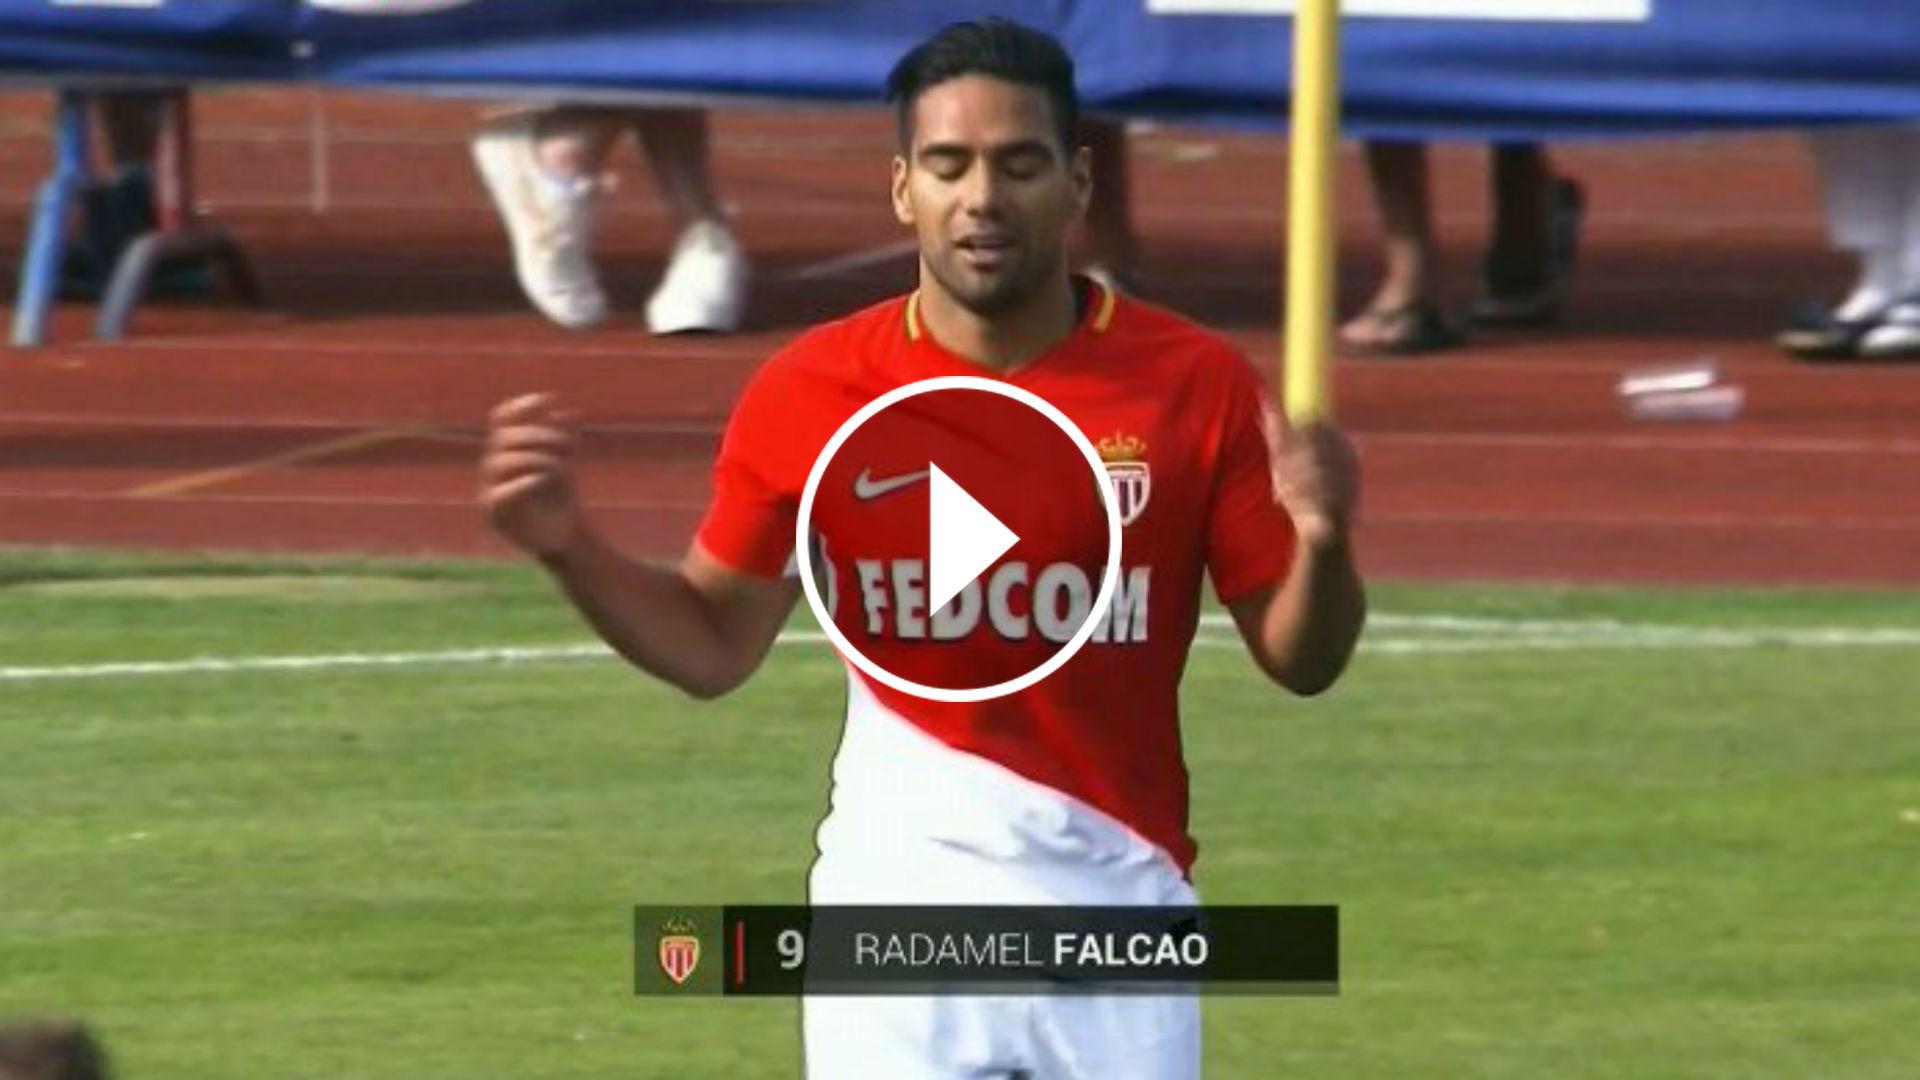 """Volvió al Mónaco, 4 minutos en cancha y gol — Falcao García"""""""